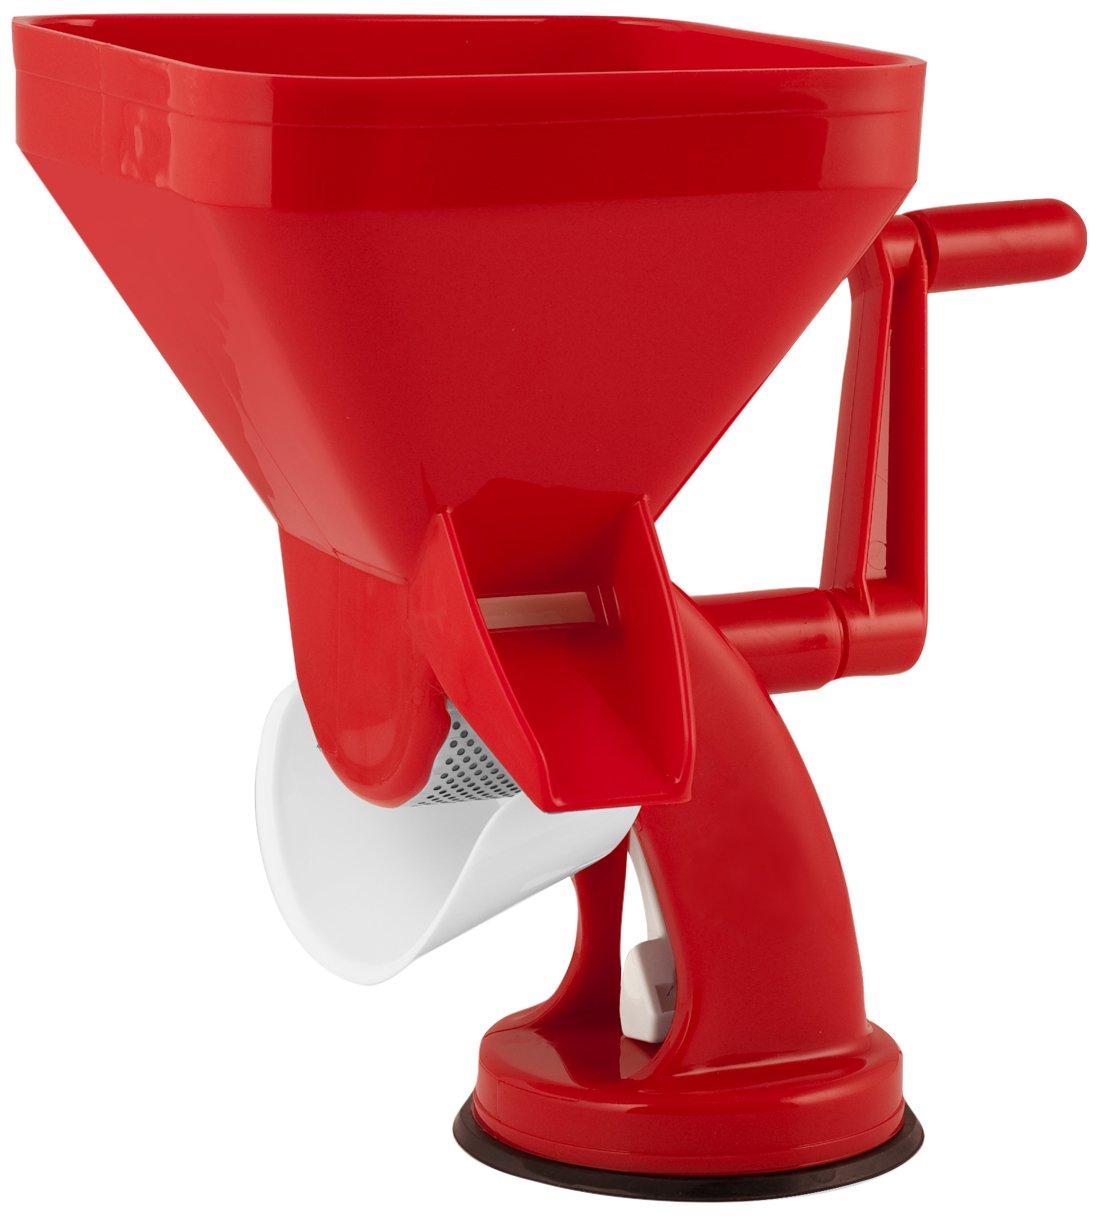 Compra Ho-Me In Rombo Home Maxi Exprimidor de Tomates Manual, Plástico, Rojo en Amazon.es